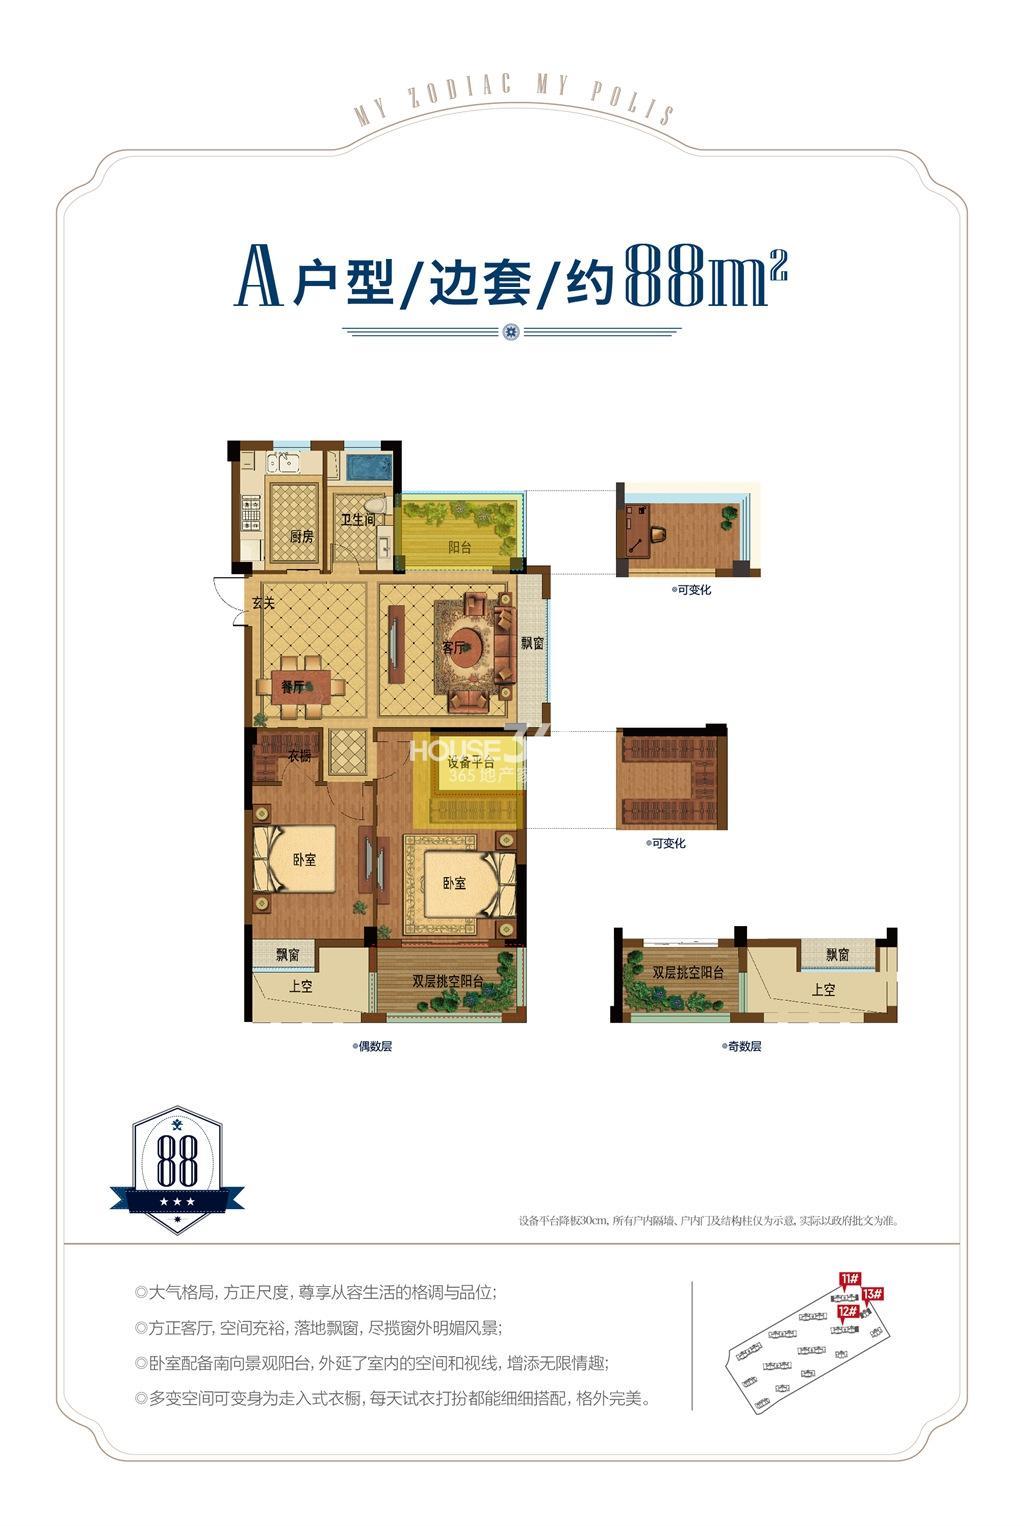 昆盛肖邦A户型边套88方(11、12、13号楼)